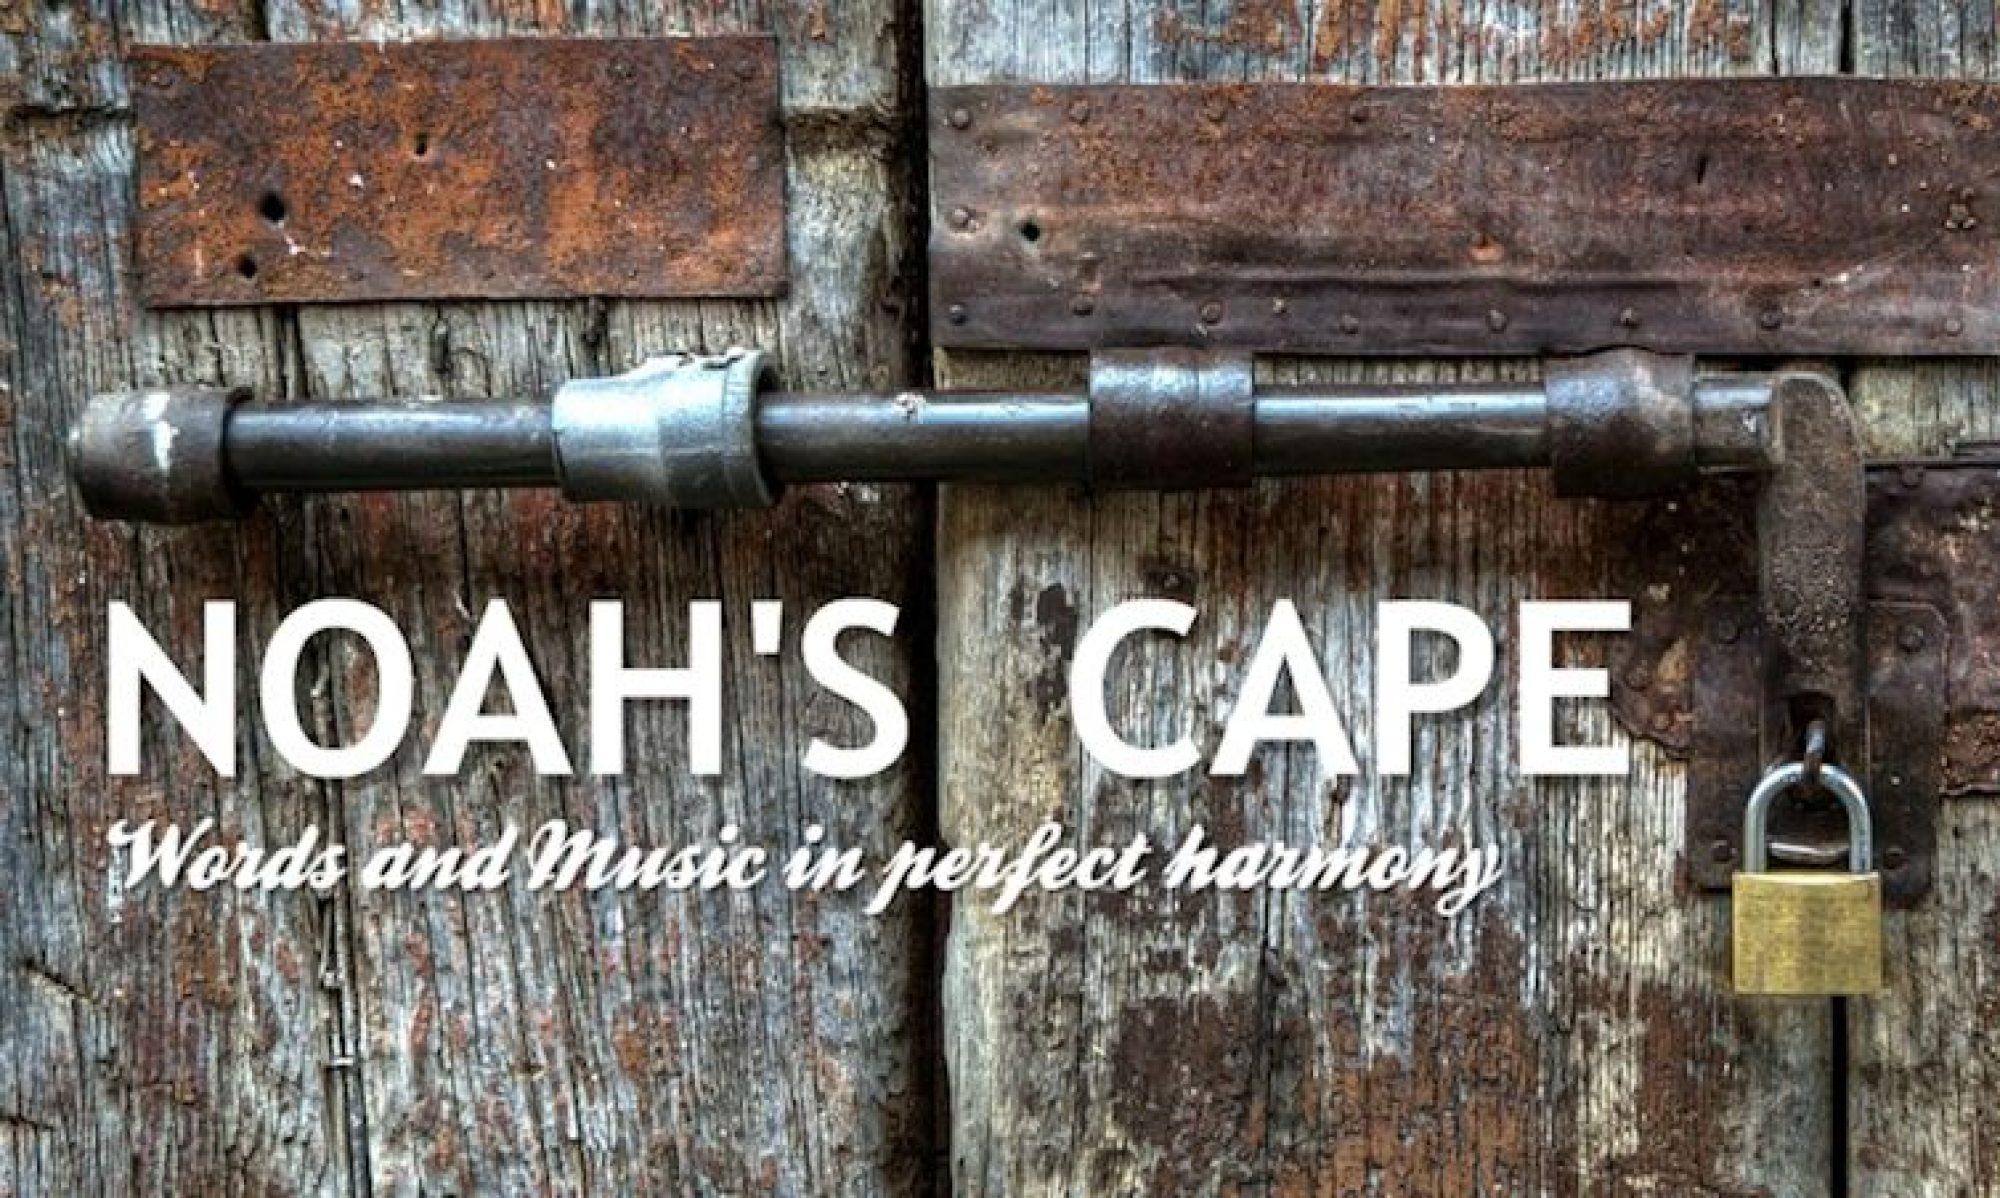 Noah's Cape